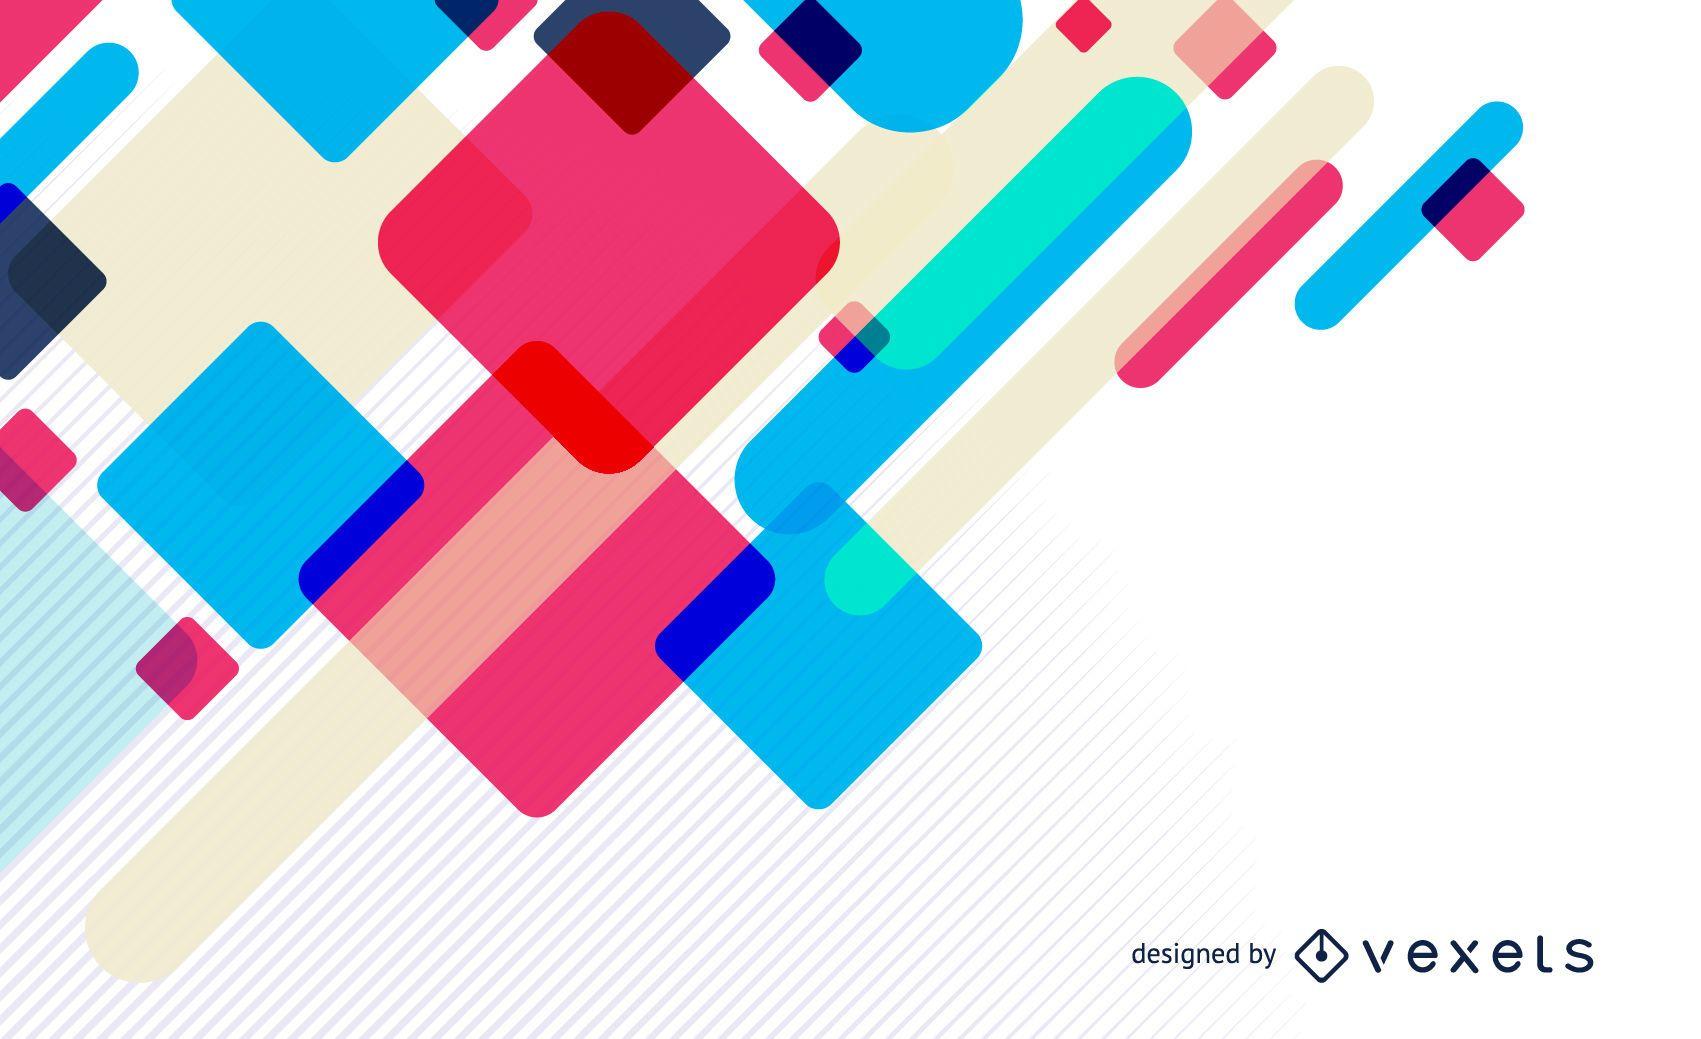 Fondo colorido dise?o abstracto